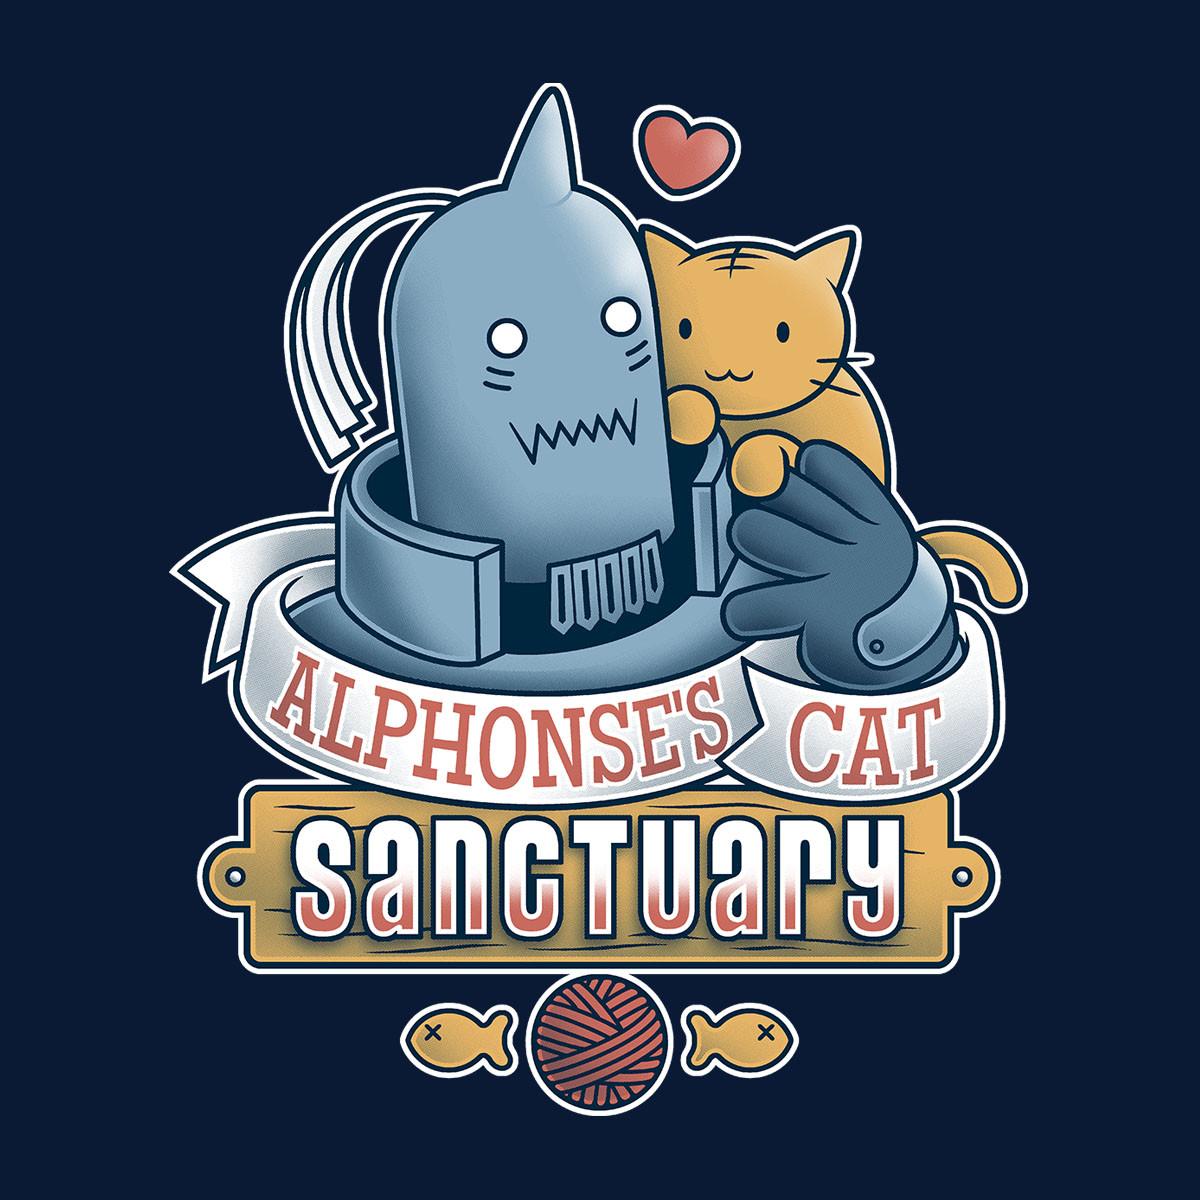 Alphonses Cat Sanctuary Full Metal Alchemist.